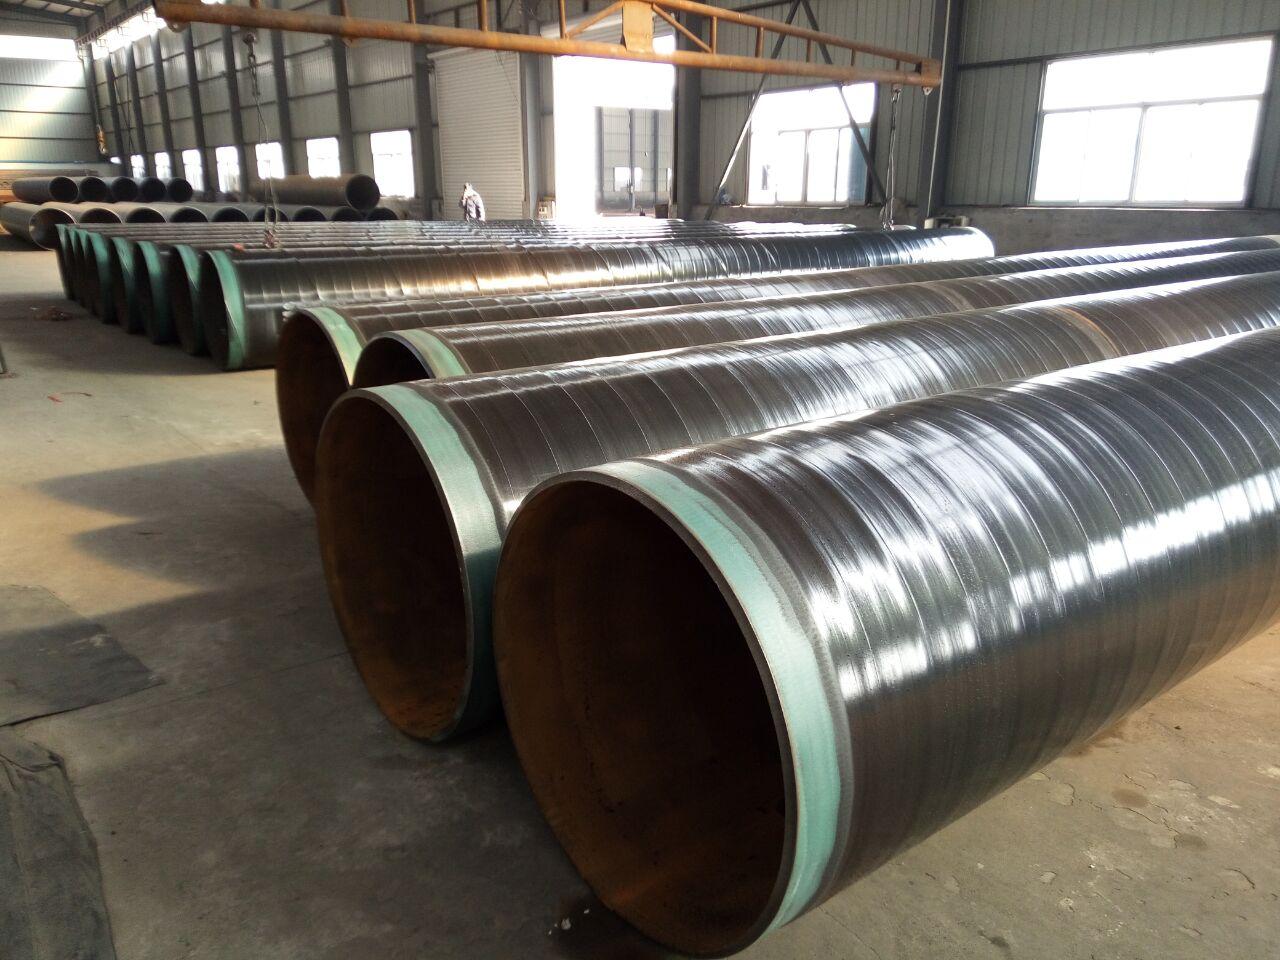 常见防腐钢管防腐工艺大全-河北厚东管道装备有限公司